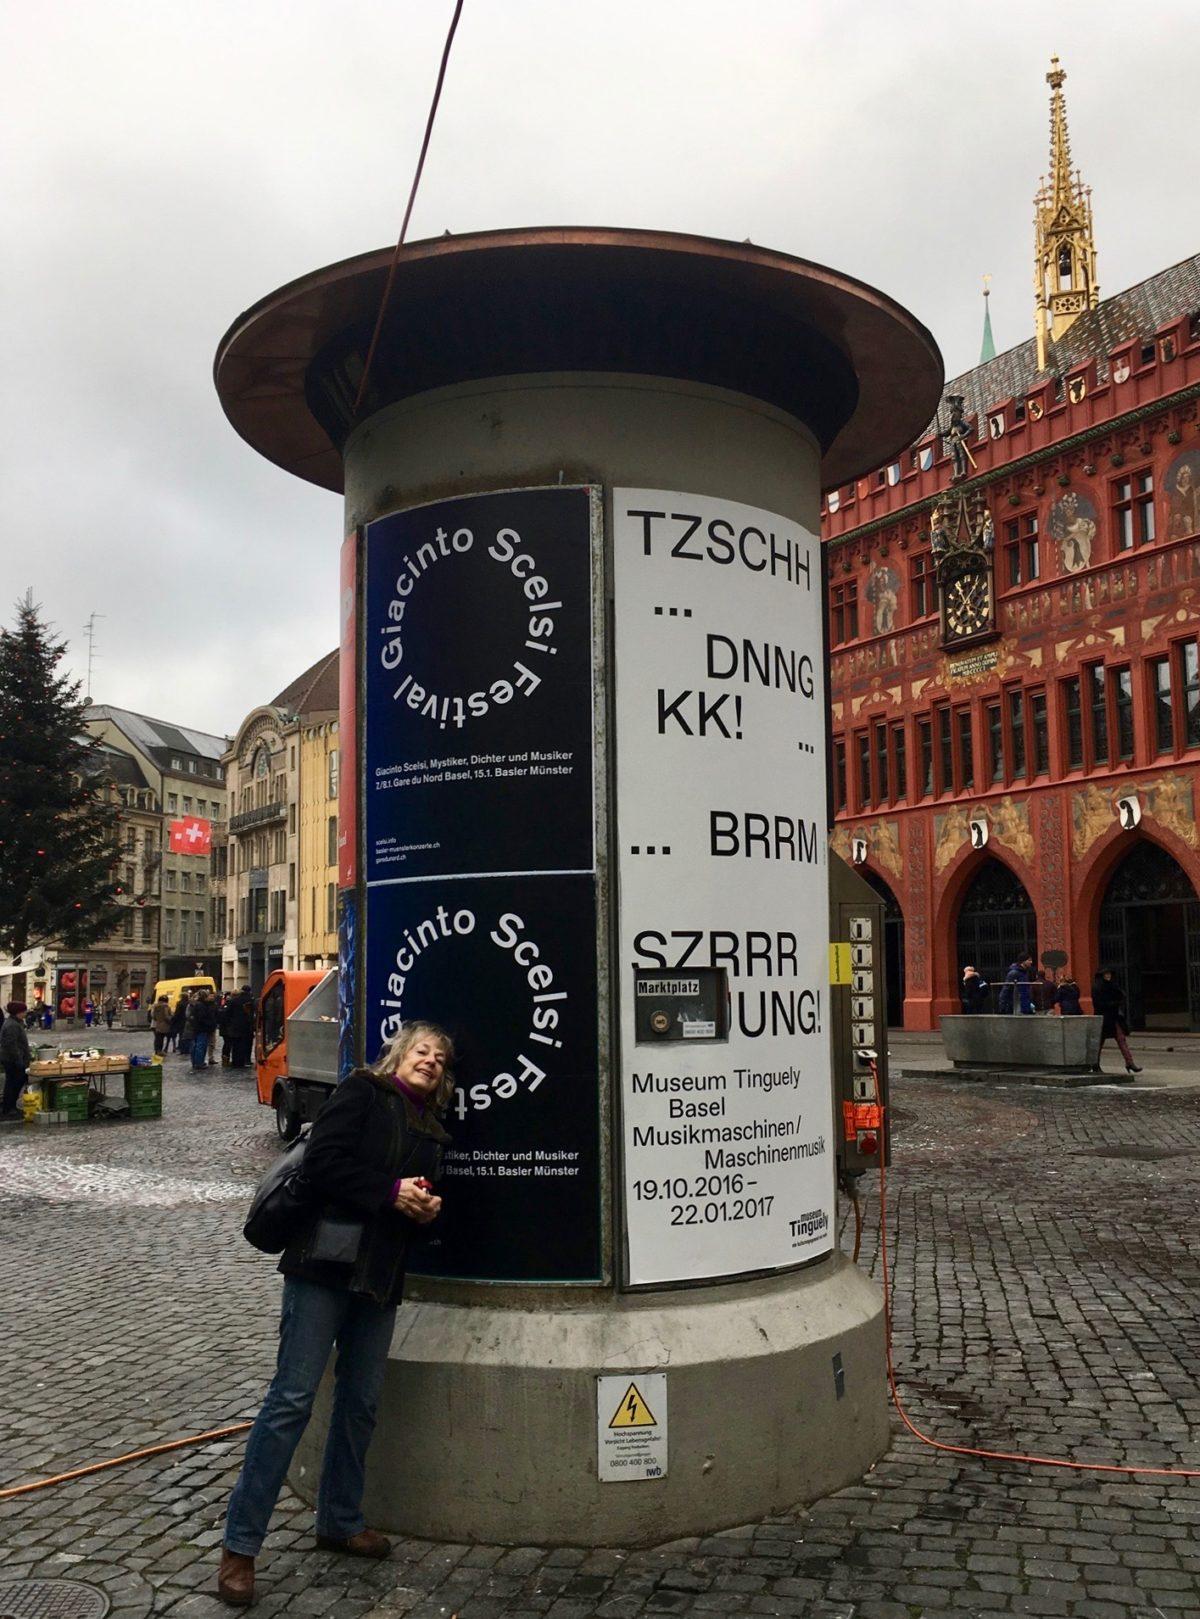 Scelsi Festival Plakate